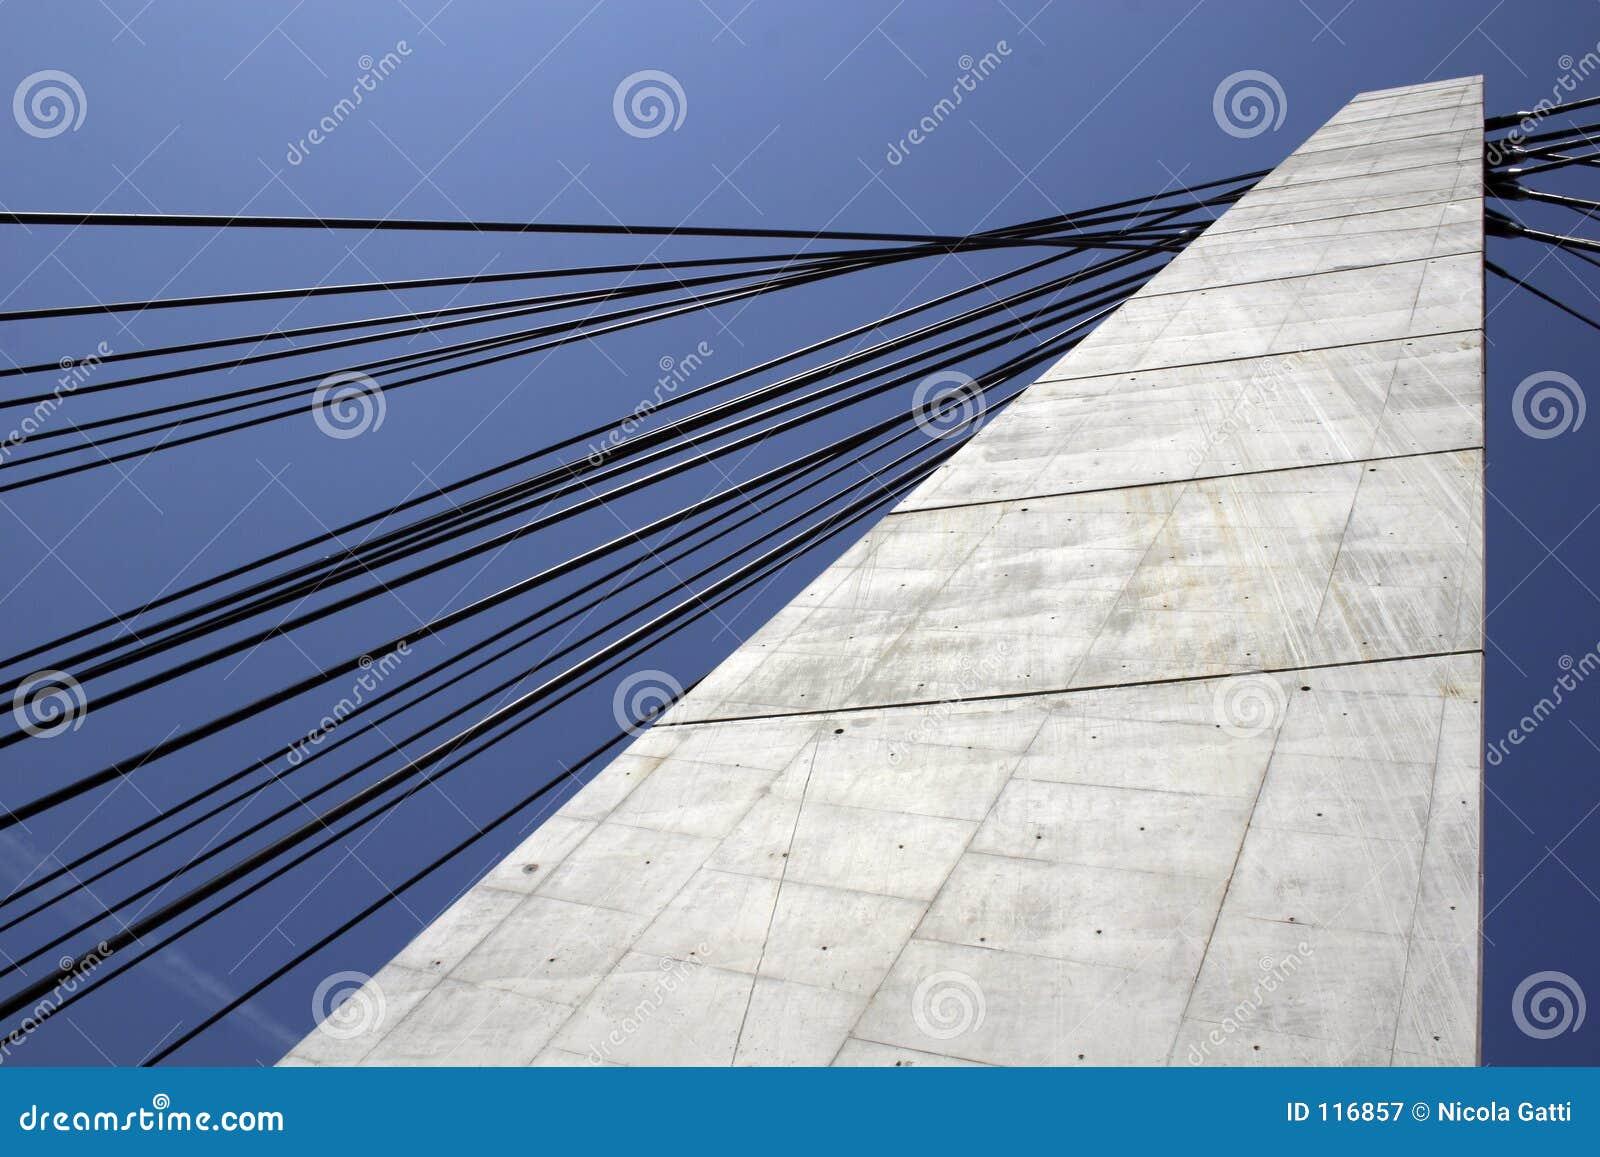 Download Futuristic bridge stock image. Image of futuristic, bridge - 116857